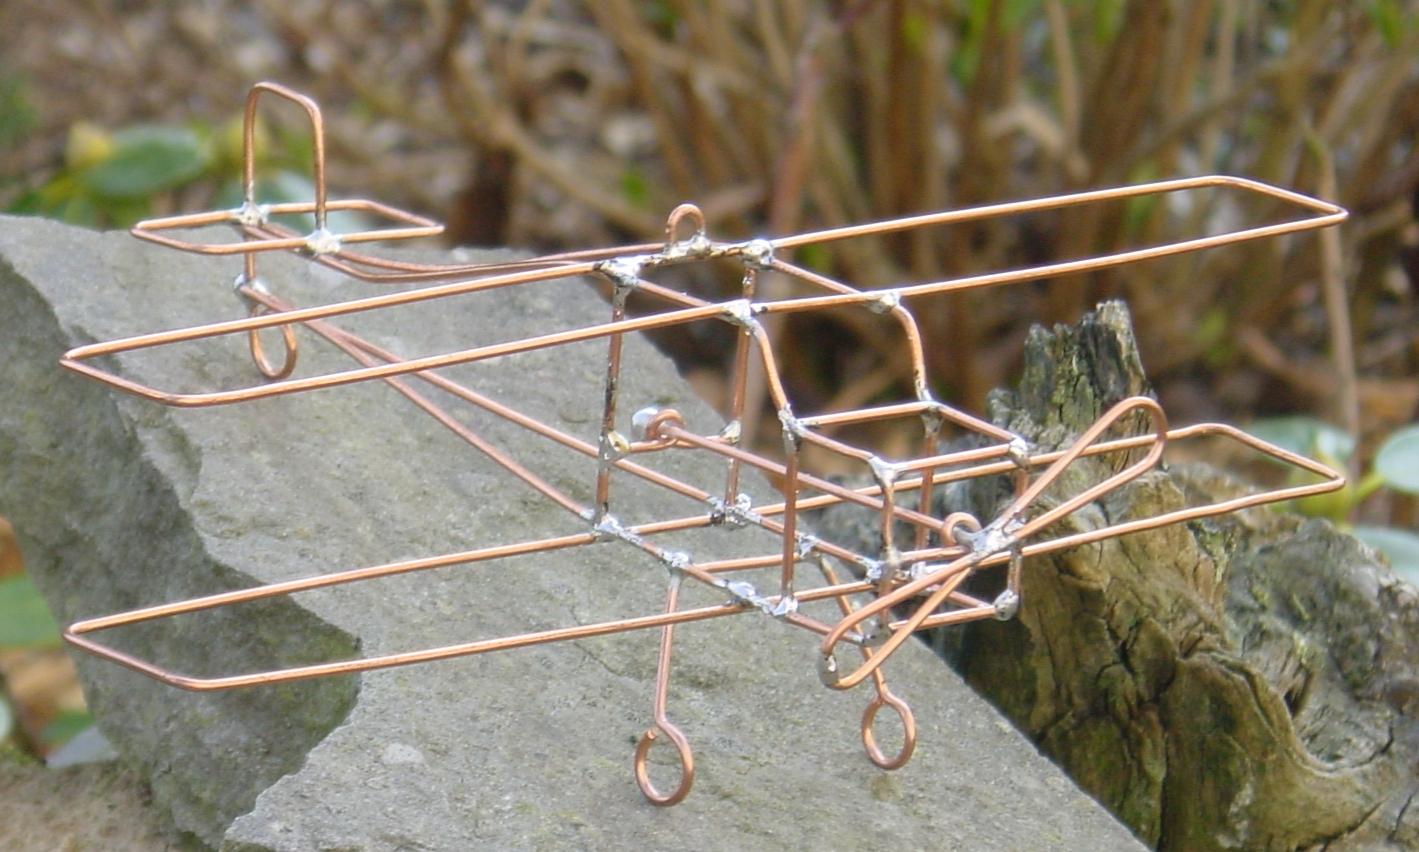 Kupferdraht ohne Isolierung - Mikrocontroller.net